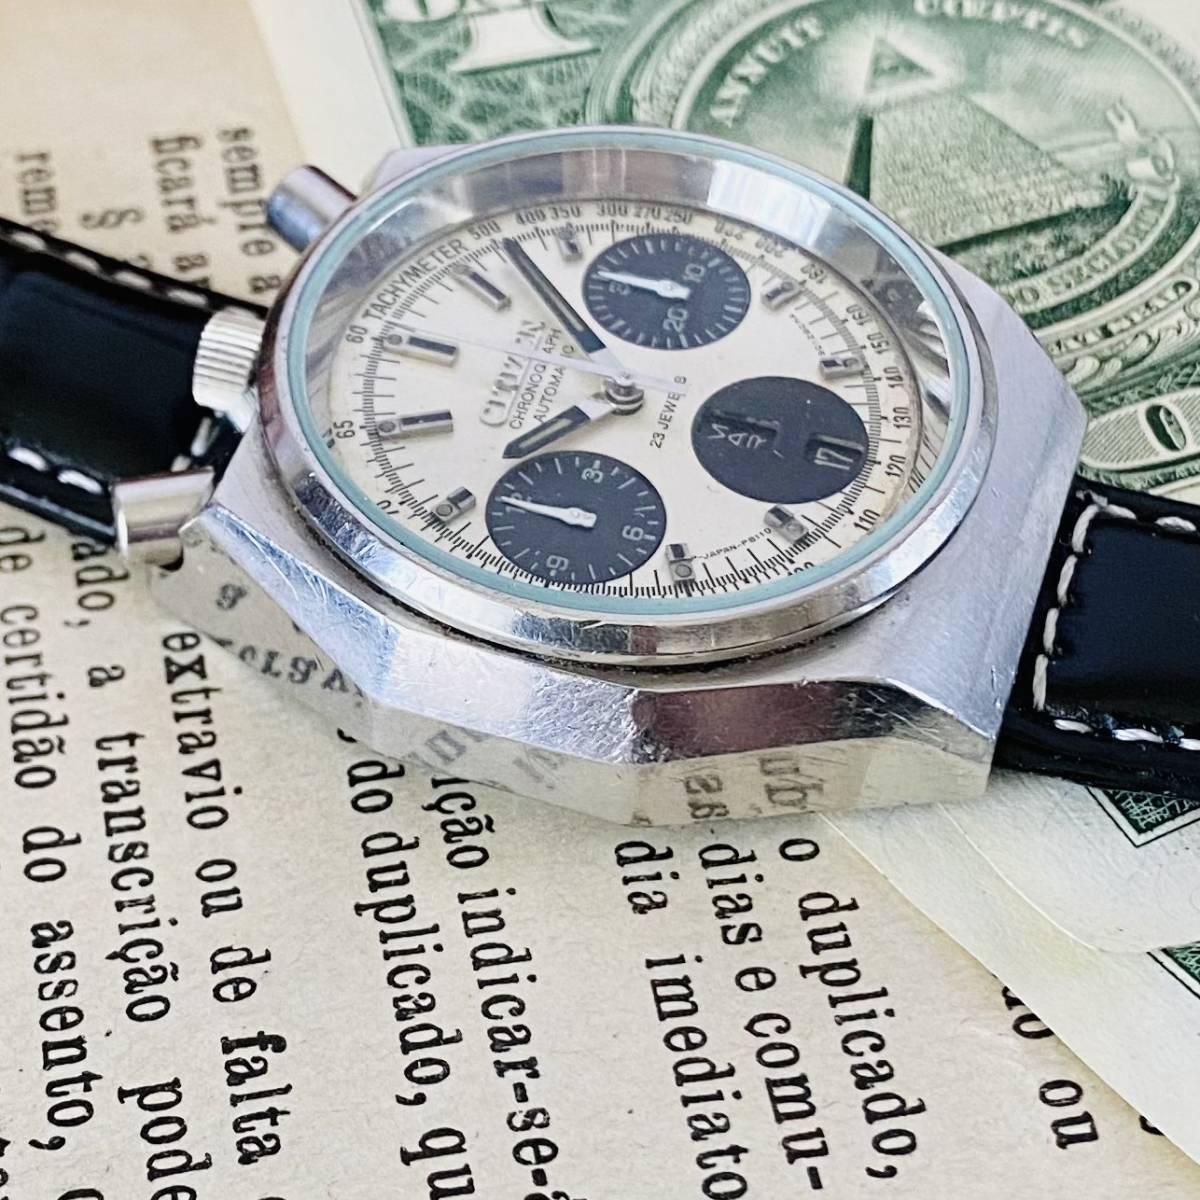 【高級時計 シチズン】CITIZEN 8110A クロノグラフ 自動巻 1980年代 ツノ メンズ レディース ビンテージ アナログ 腕時計パンダ チャレンジ_画像6